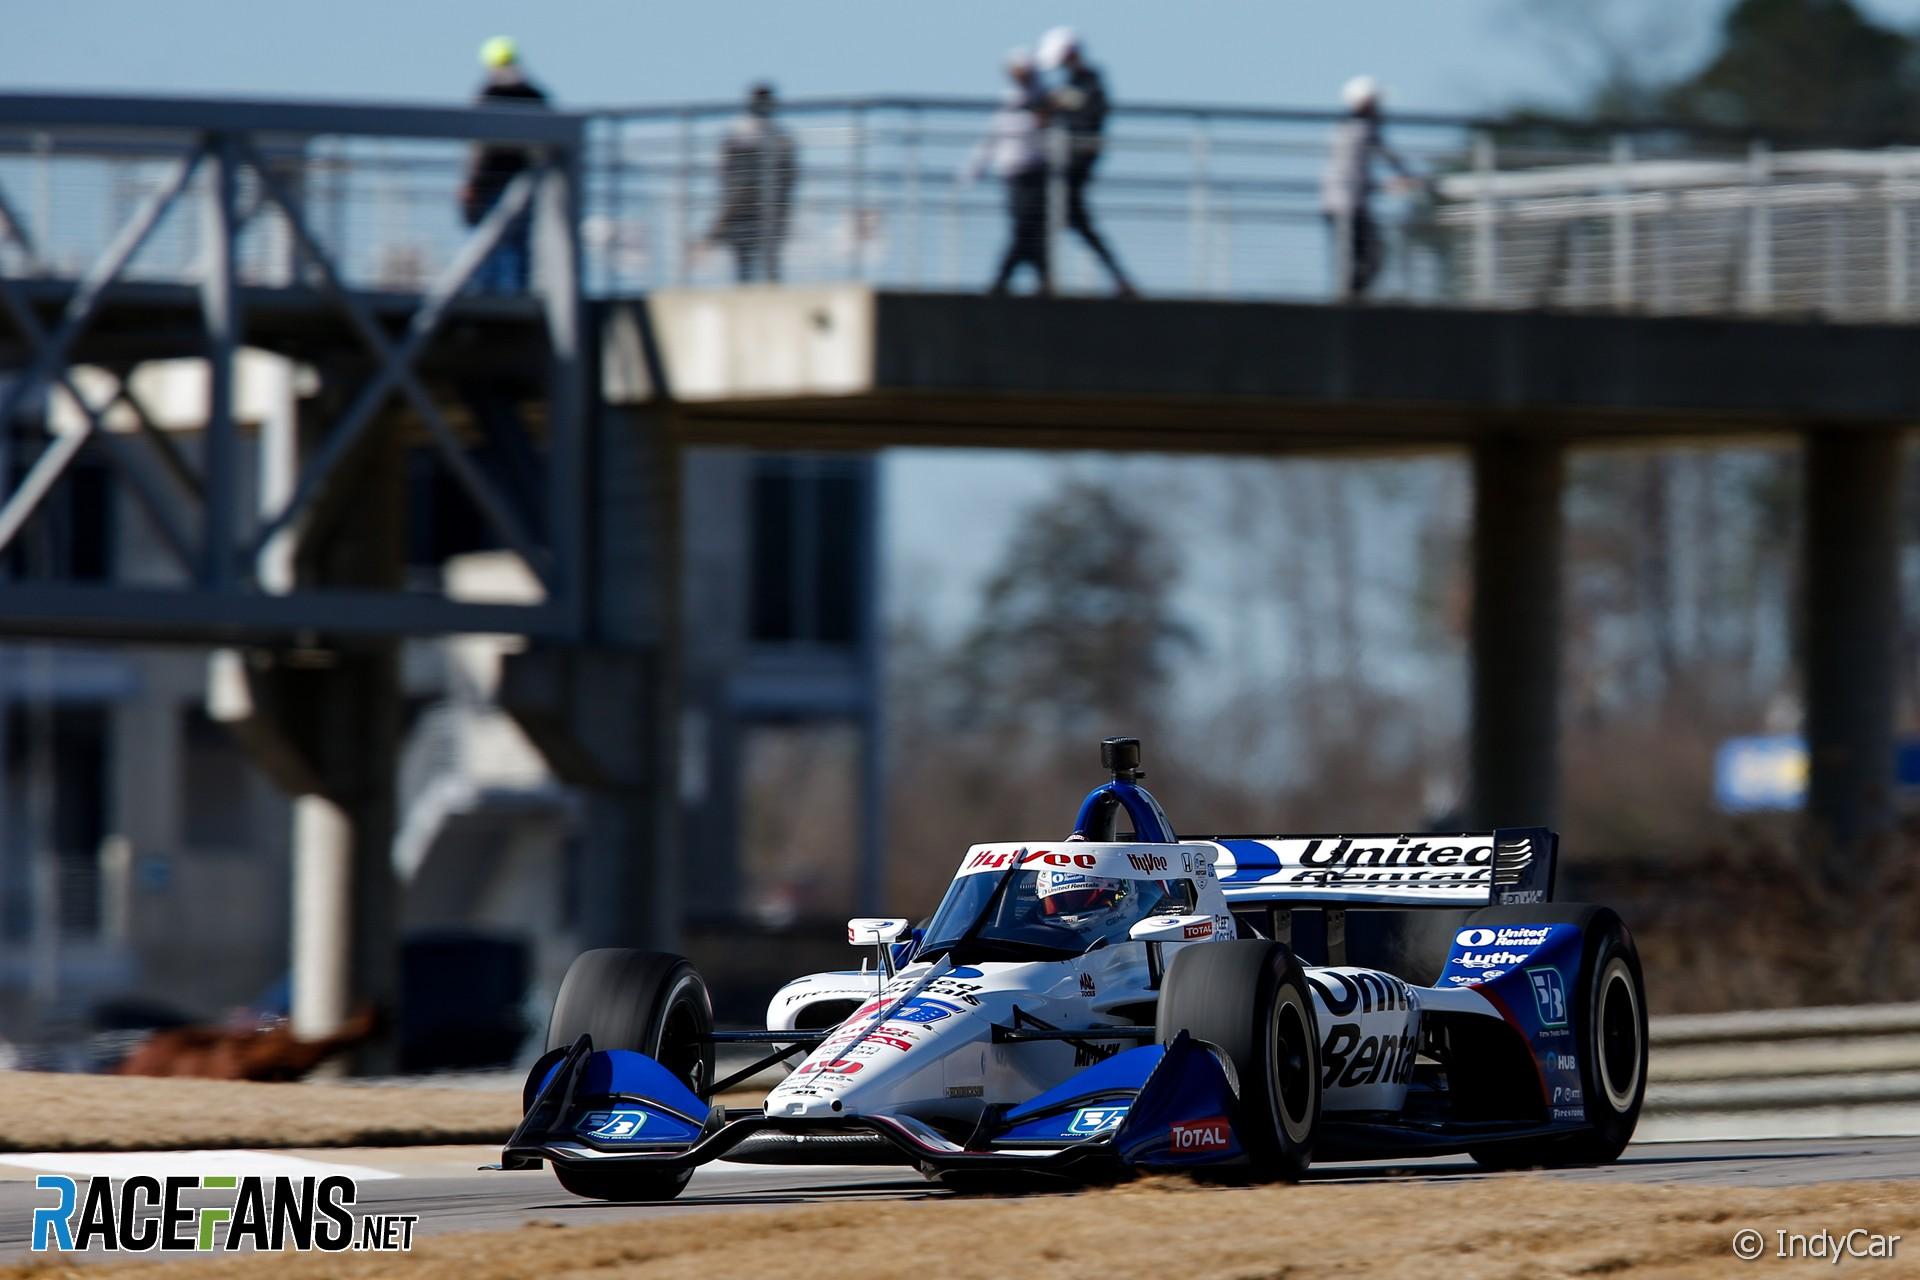 Graham Rahal, RLL, IndyCar, Barber Motorsport Park, 2021